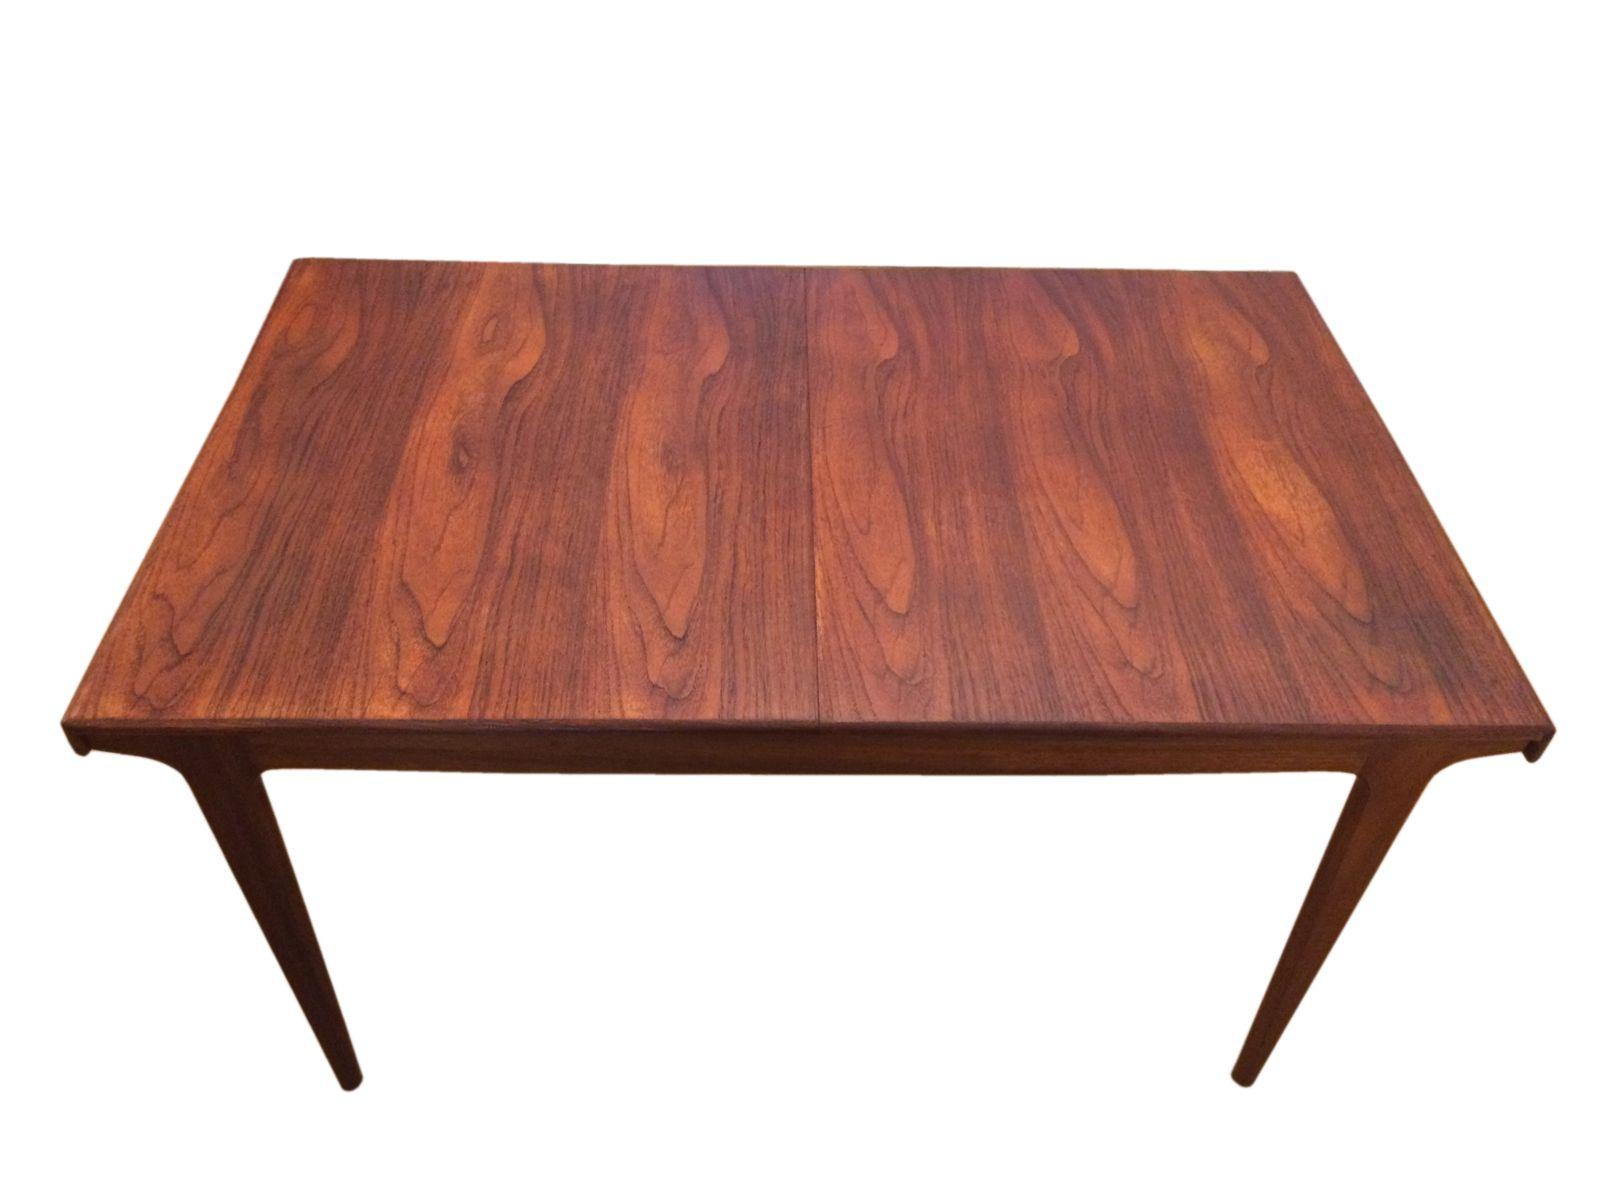 Table de salle manger 8 places mid century en teck par for Salle a manger 4 places